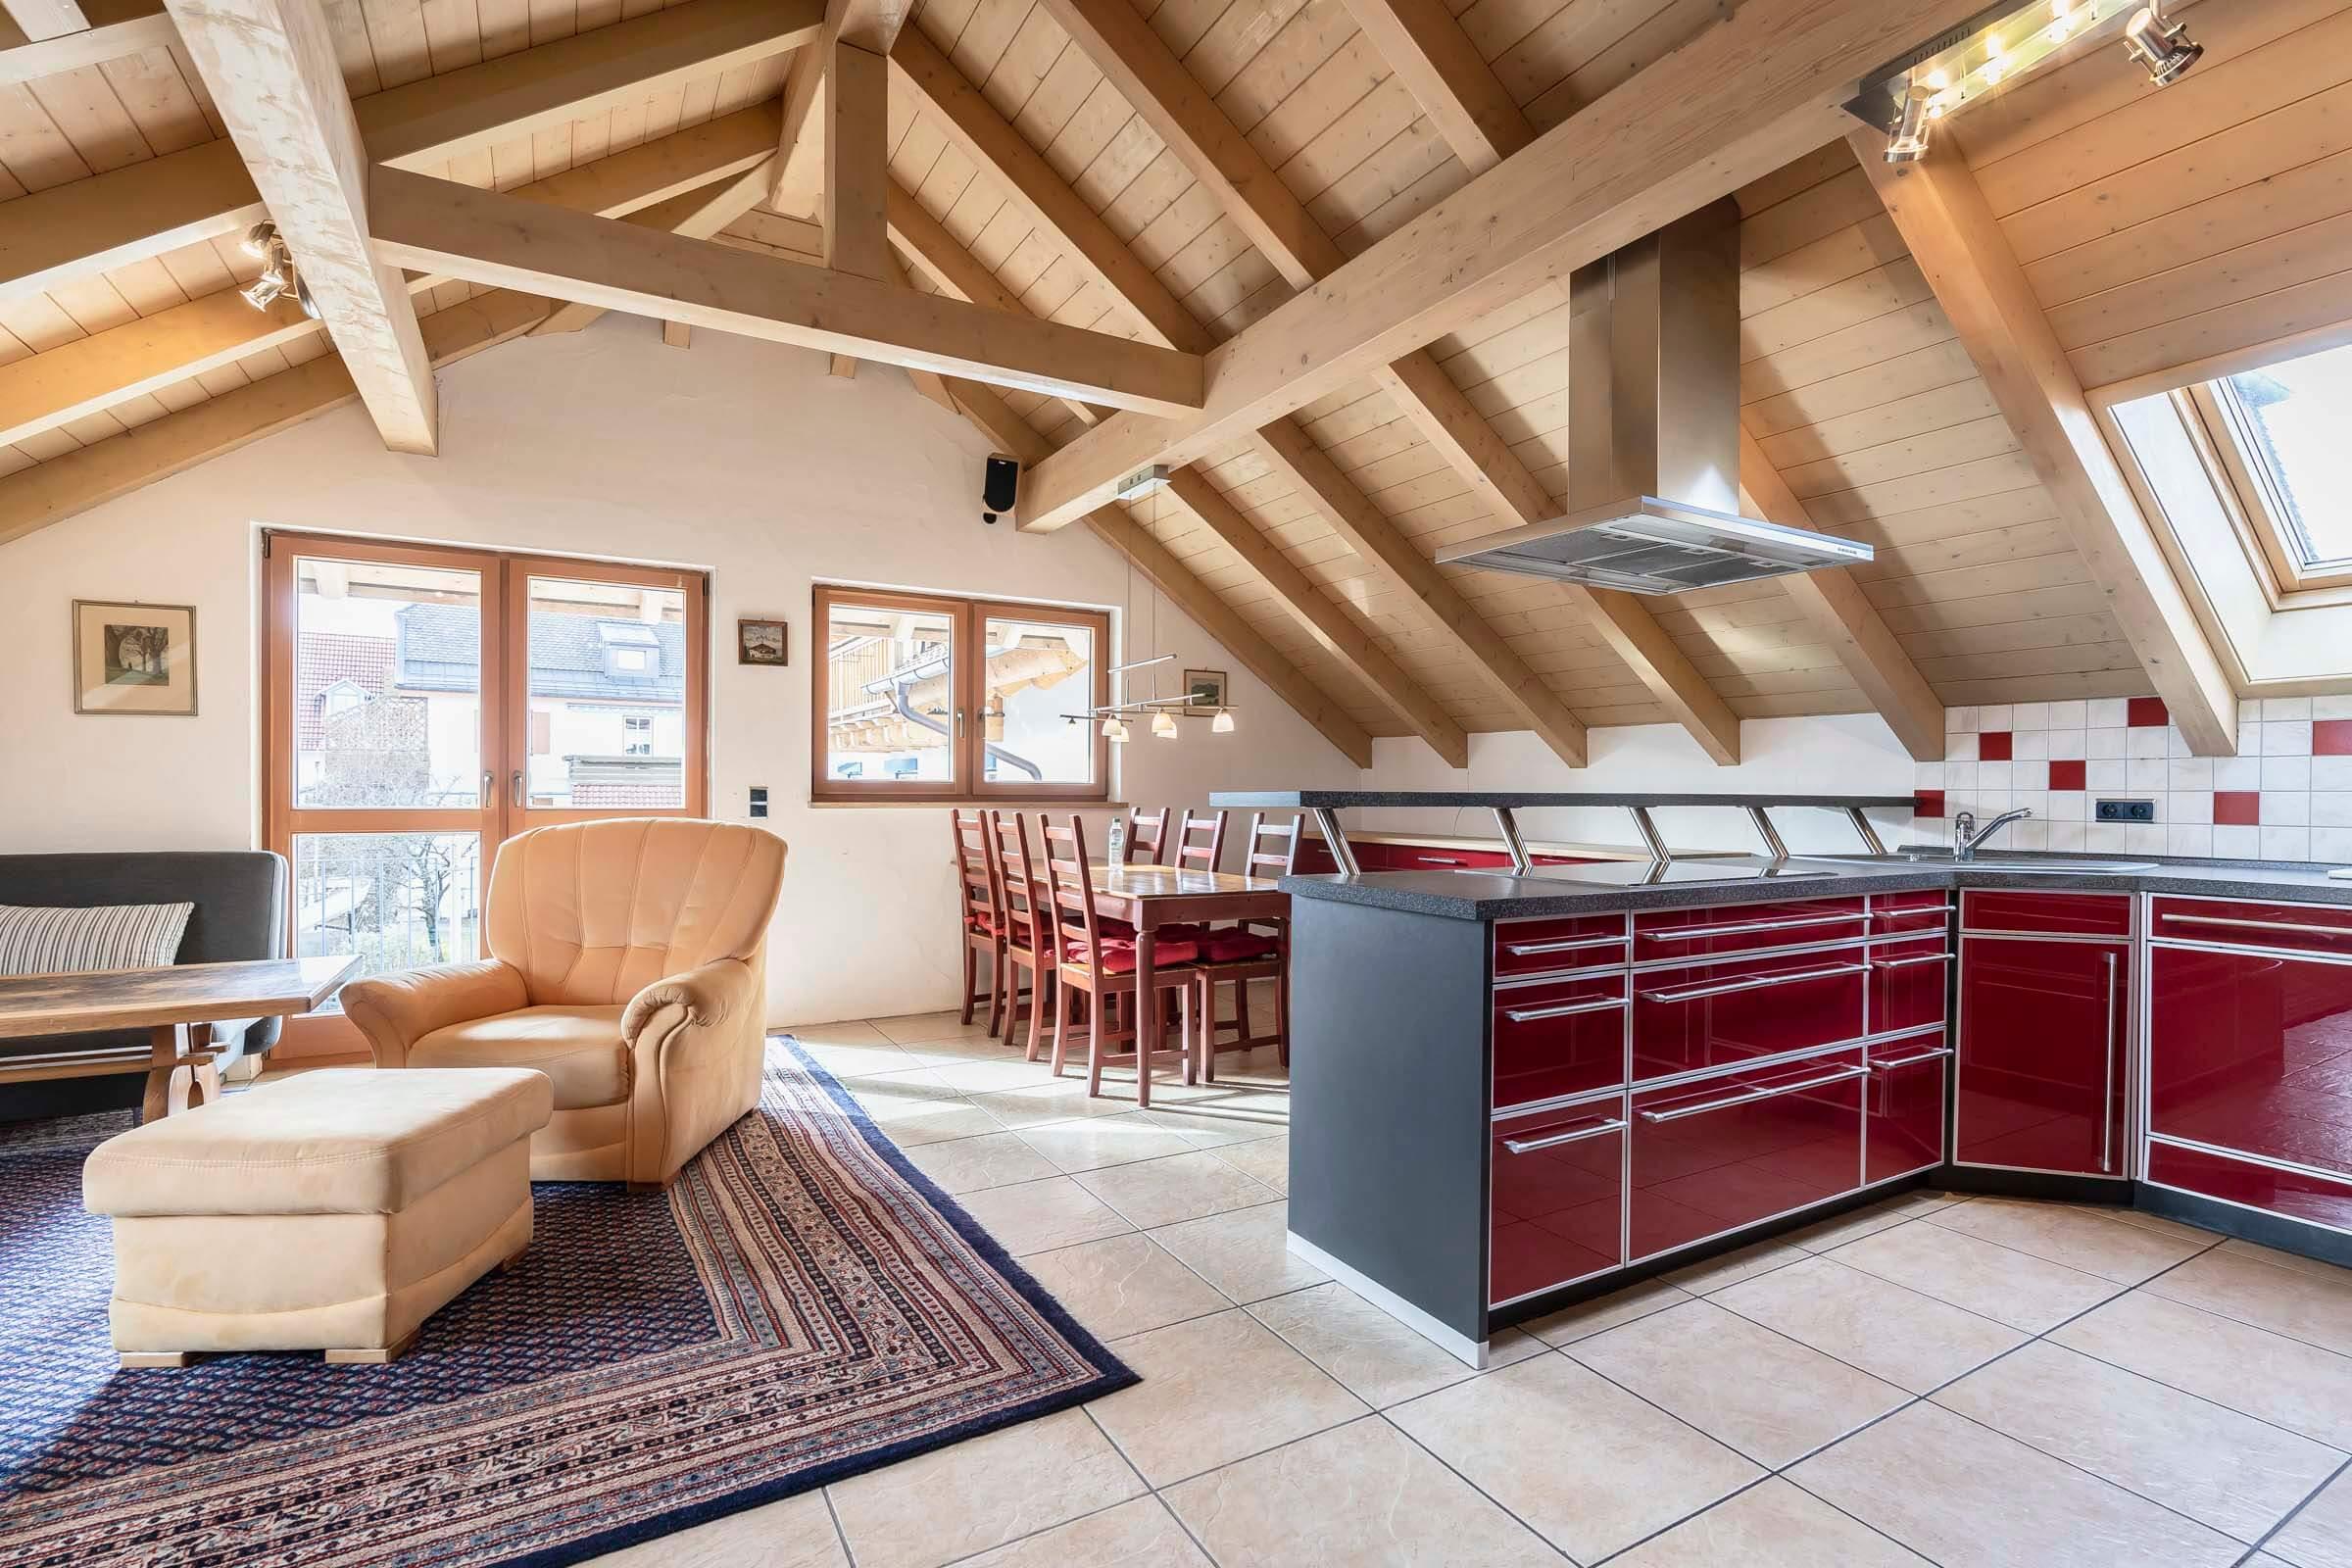 Hotel Haus Am Gries Murnau Apartment Kitchen